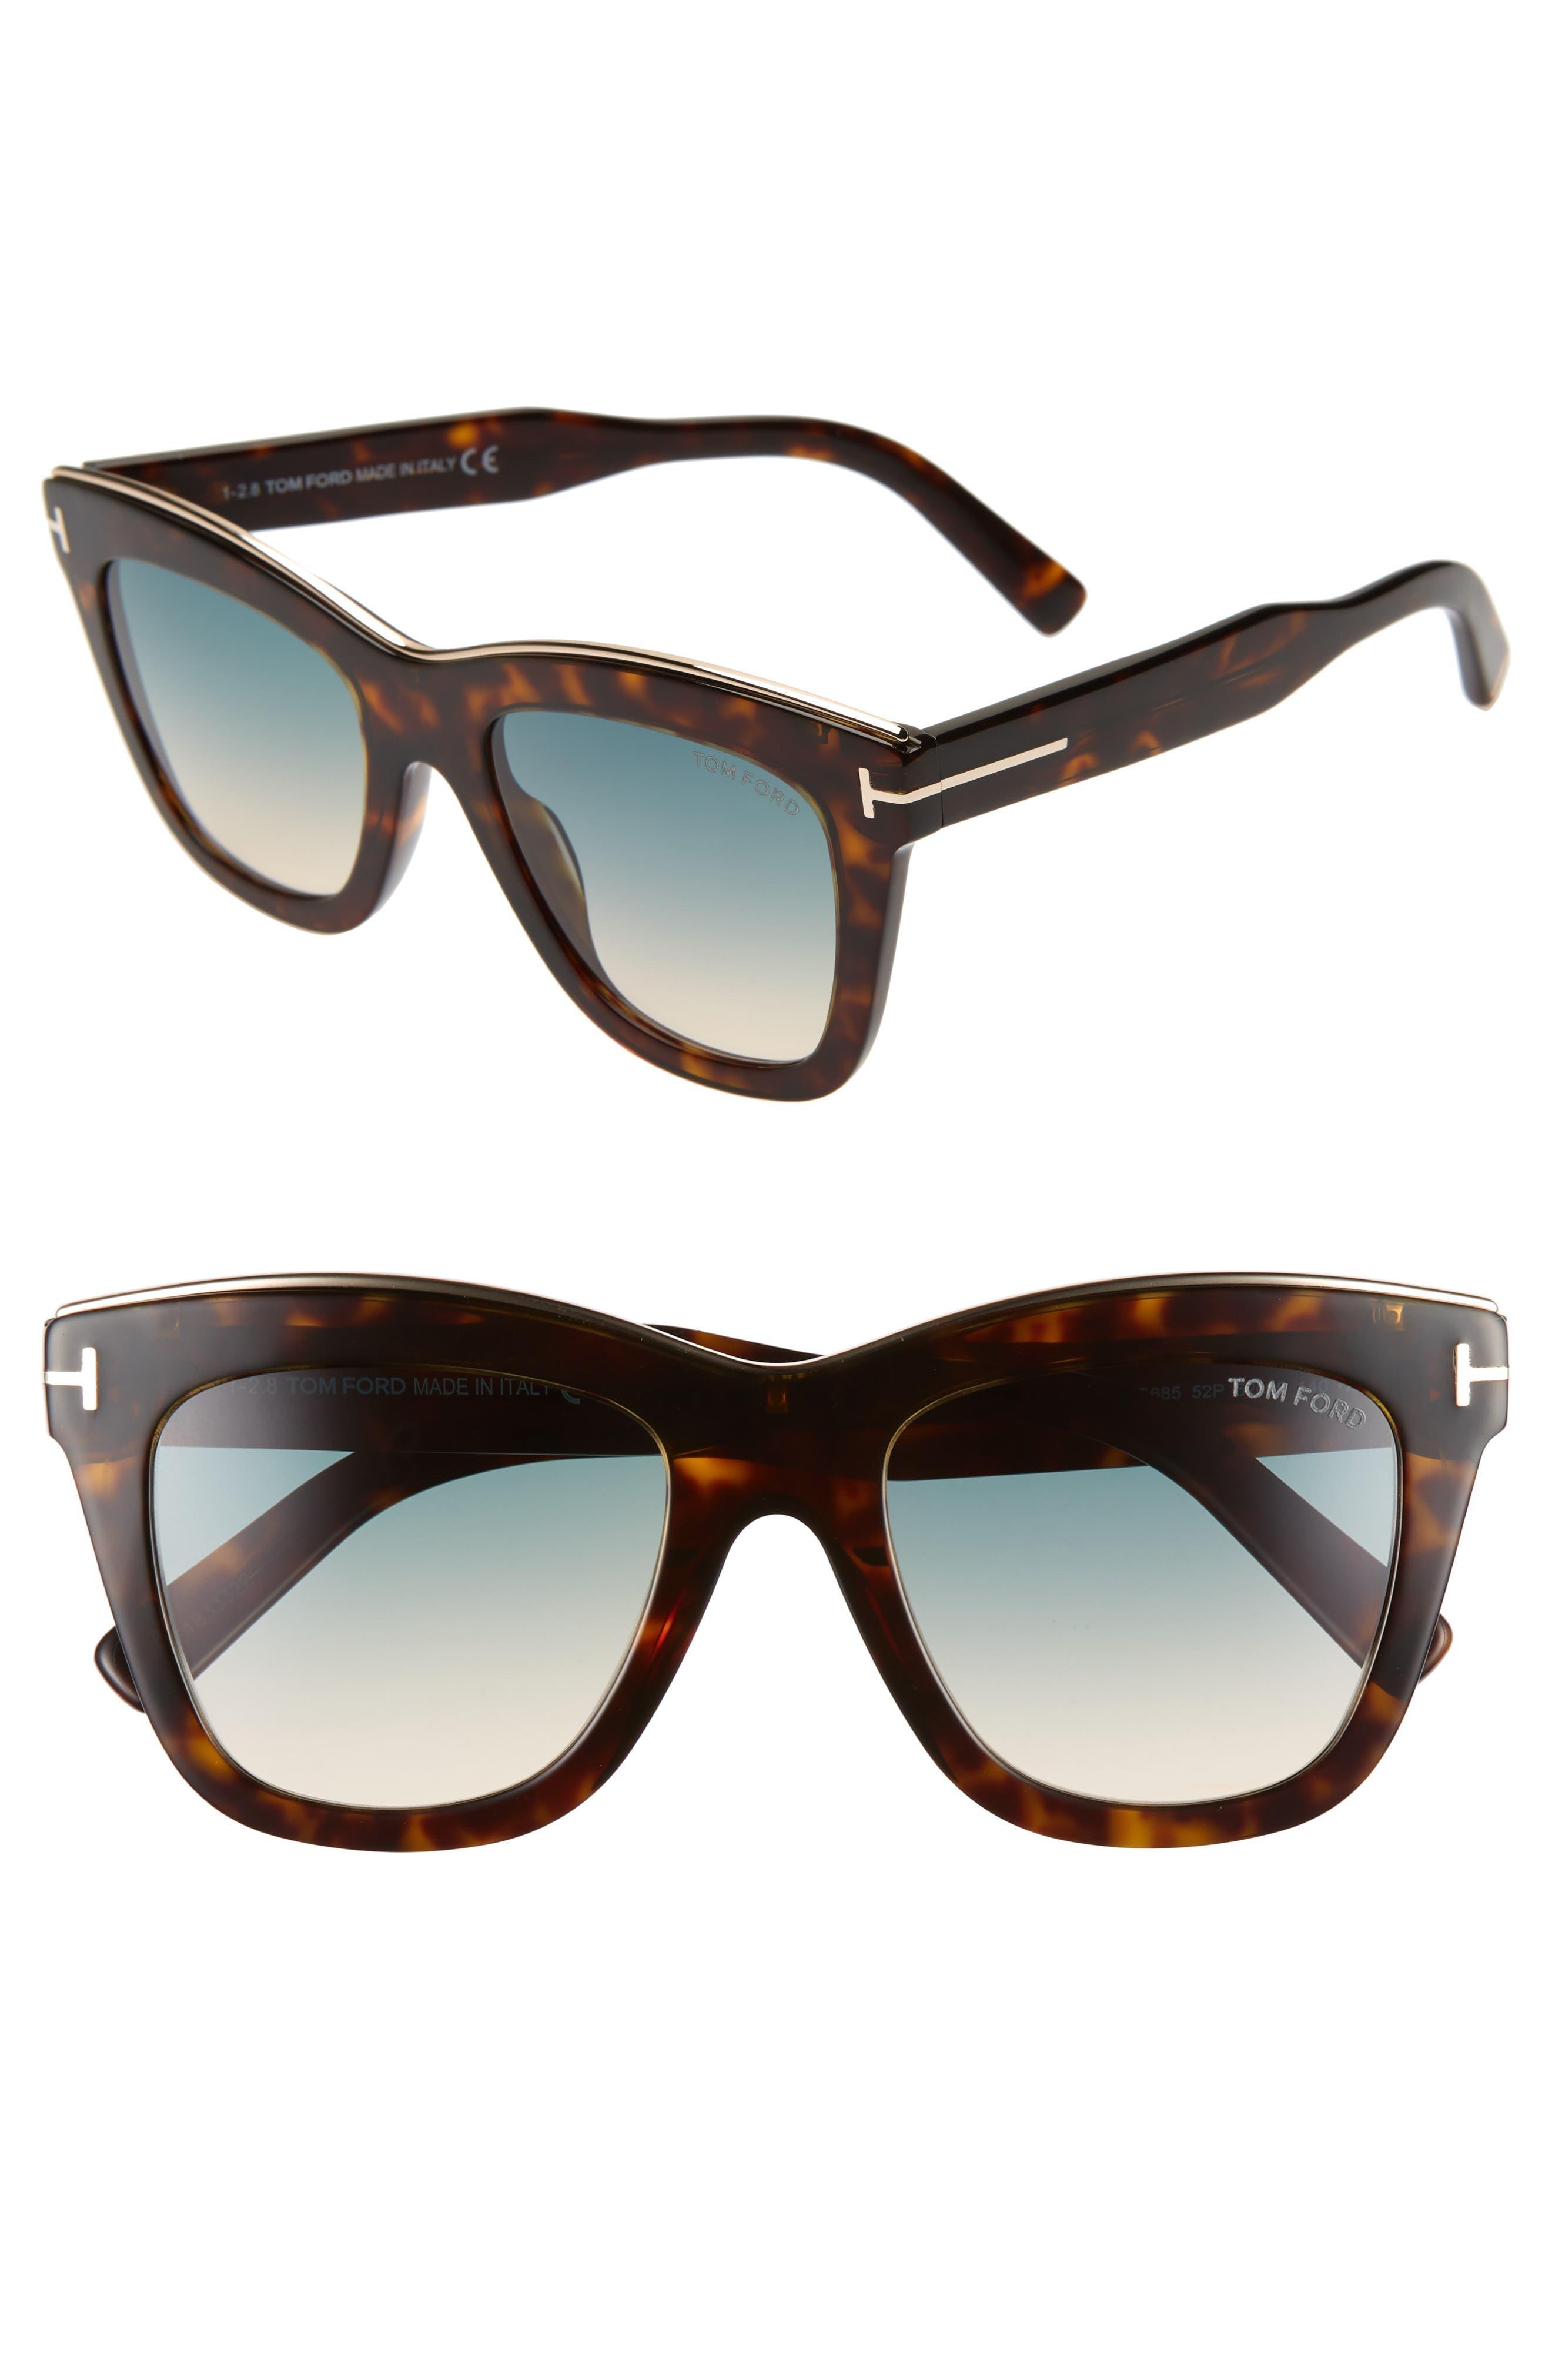 b06c2c6b74 Pink Tom Ford Sunglasses for Women   Men